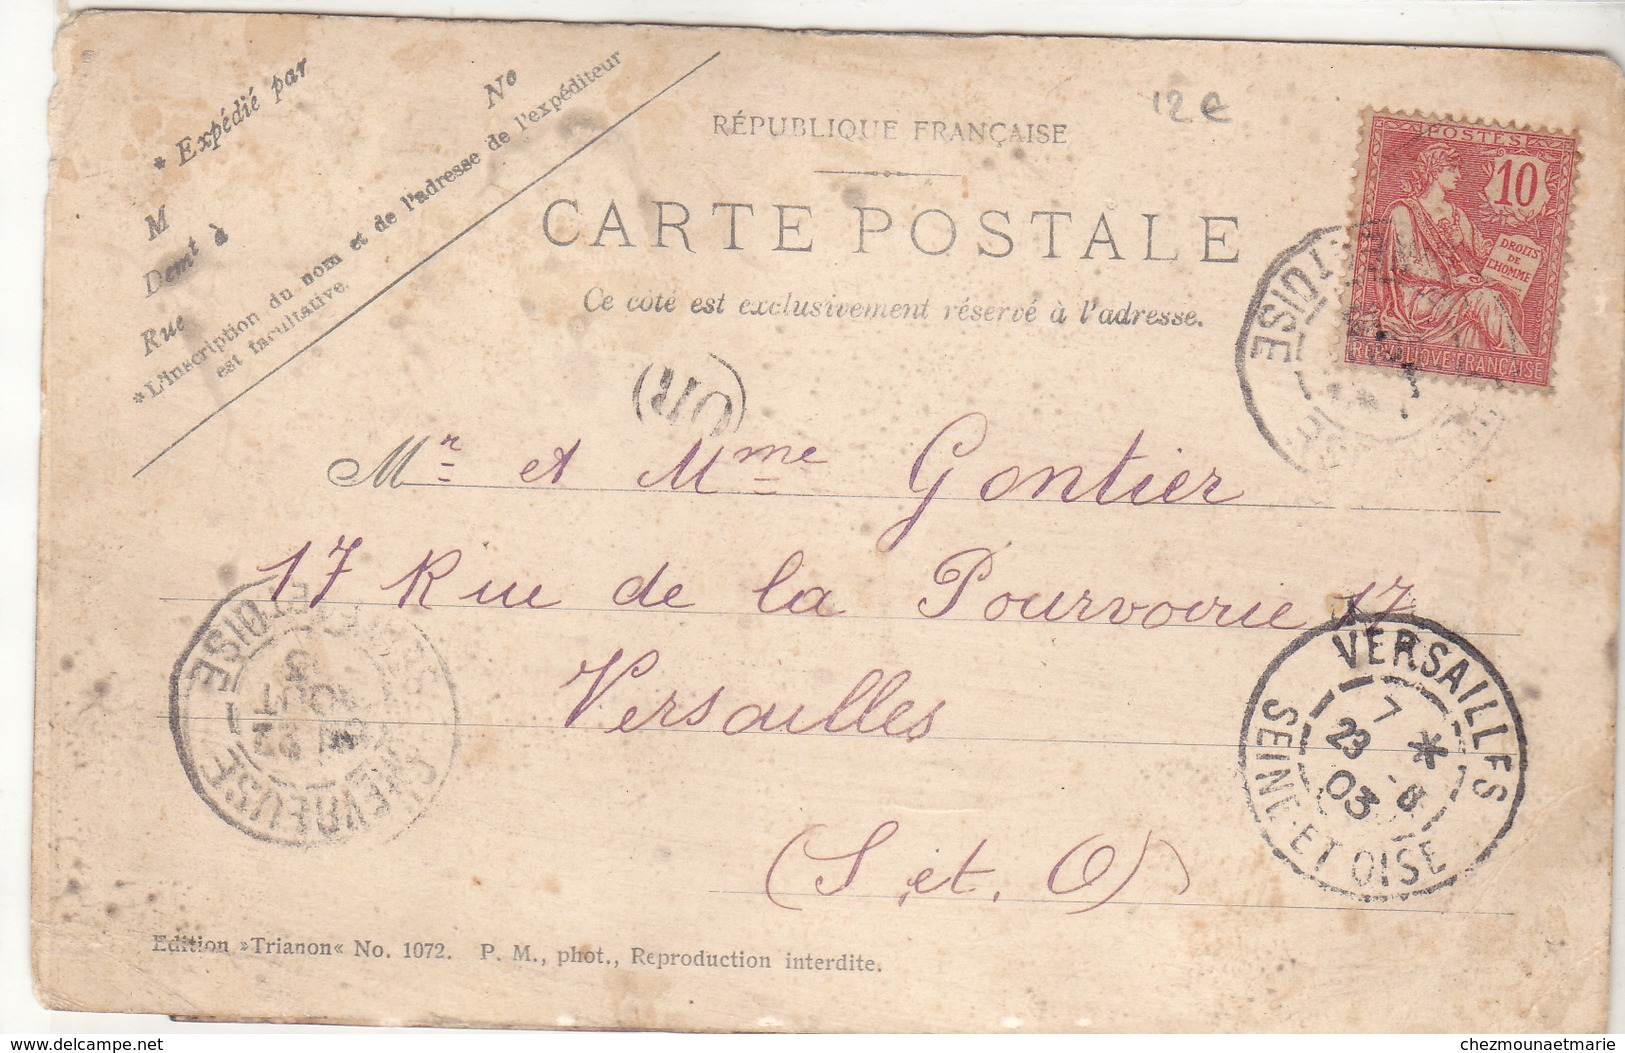 TRANSPORT DE BROUSSAILLES DANS LE DESERT - SUR UNE VOIE FERREE TIREES PAR UN MULET - GONTIER VERSAILLES - CARTE PHOTO - Cartes Postales